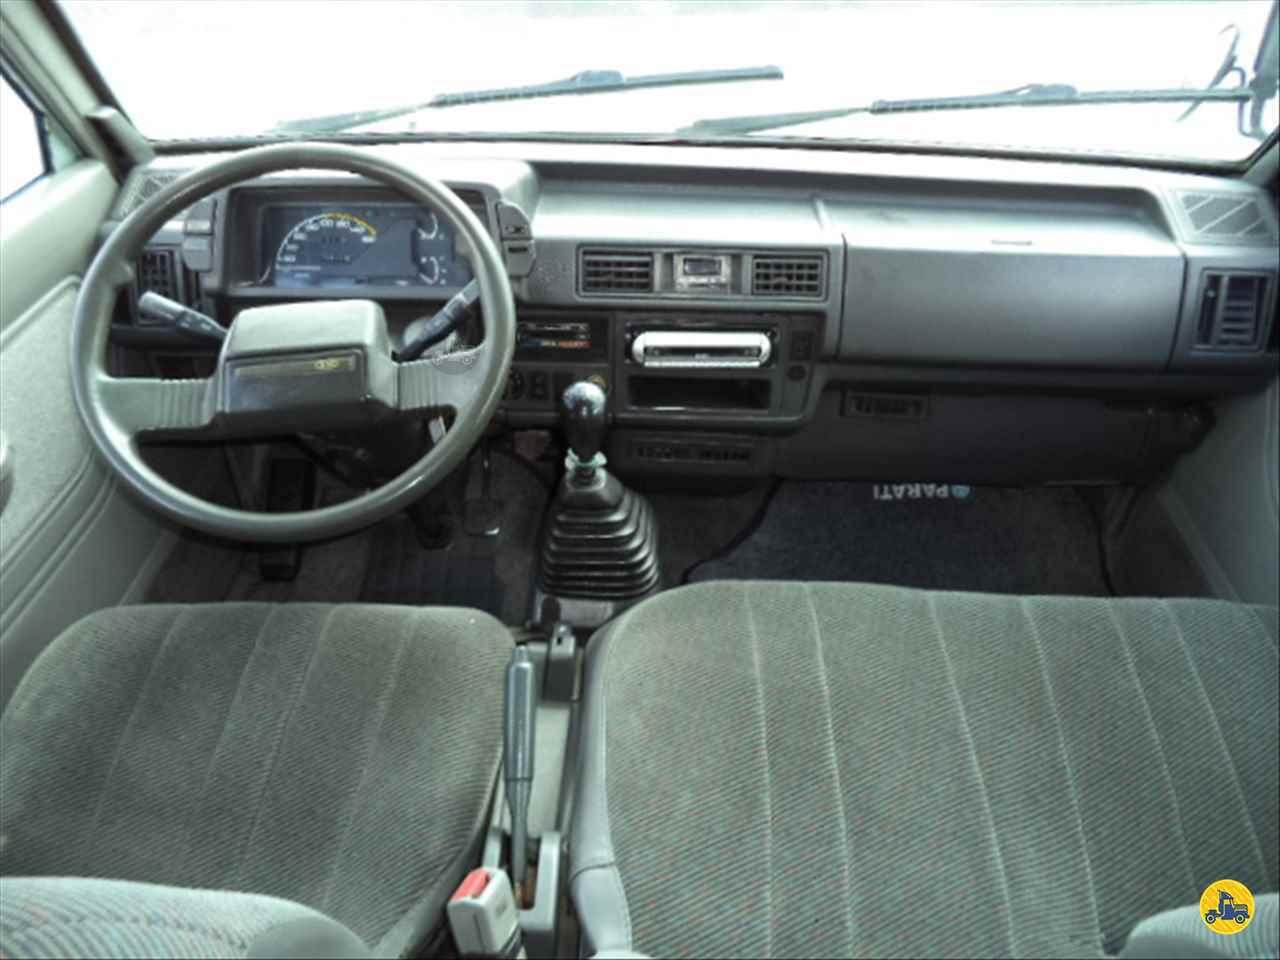 KIA MOTORS Besta GS 2.7 278000km 1994/1995 Nego Véio Caminhões e Ônibus